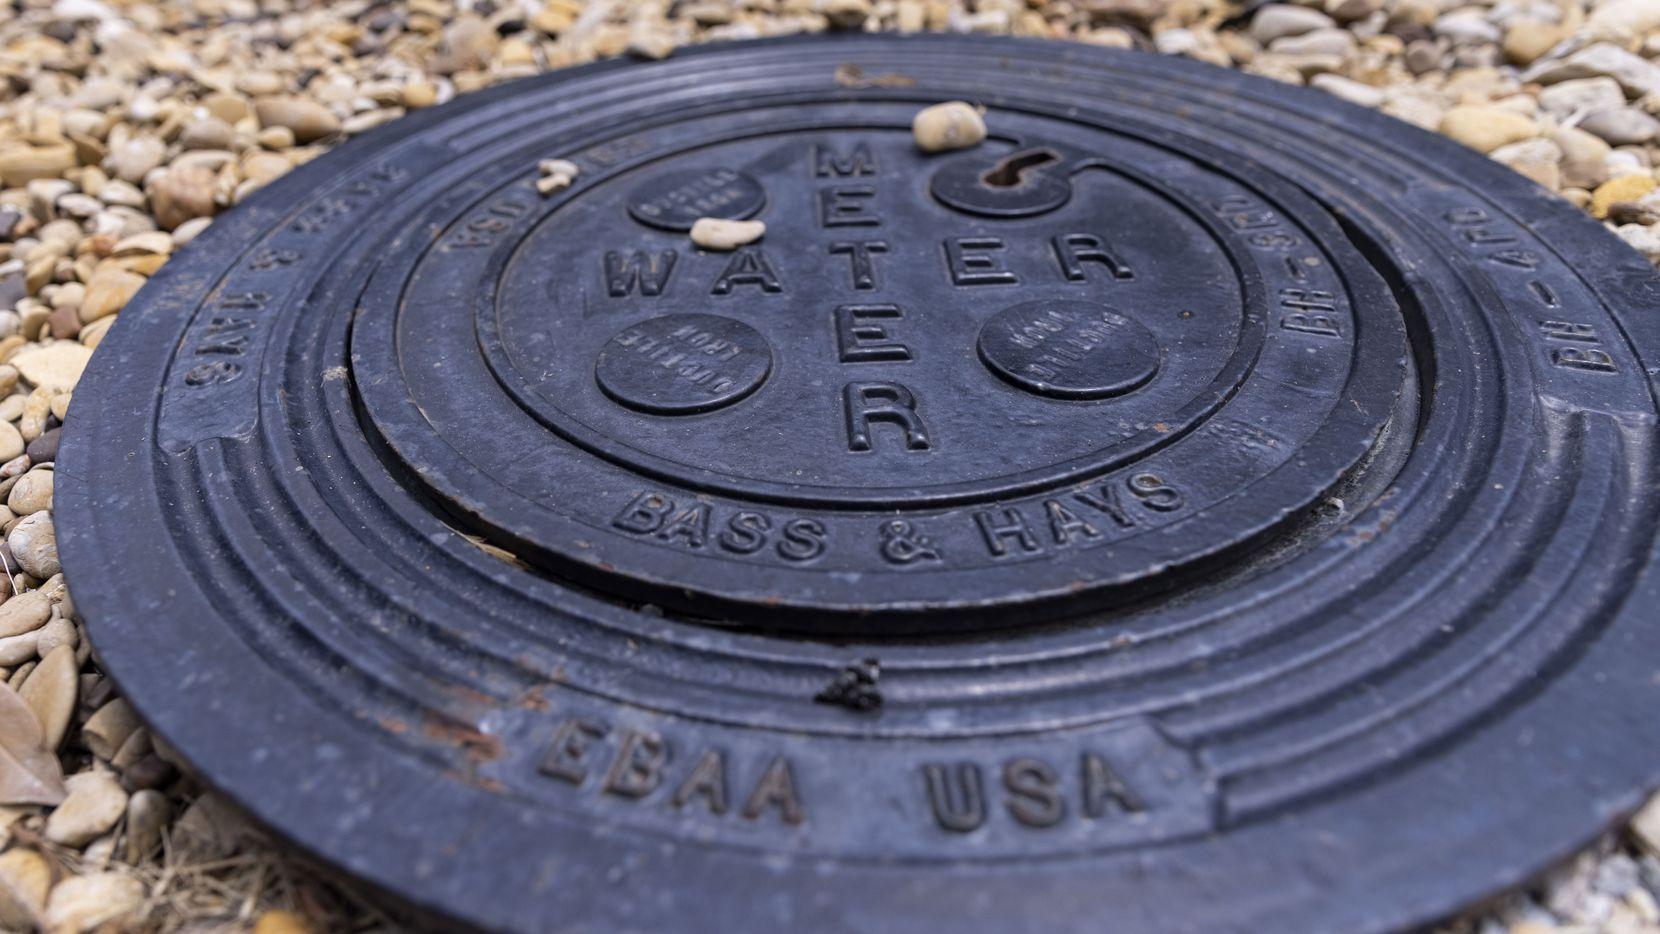 Aunque el proveedor de agua potable de la ciudad, Dallas Water Utilities, aún no tiene planes de desconectar a los que no paguen, existen distintas alternativas para saldar una cuenta pendiente.